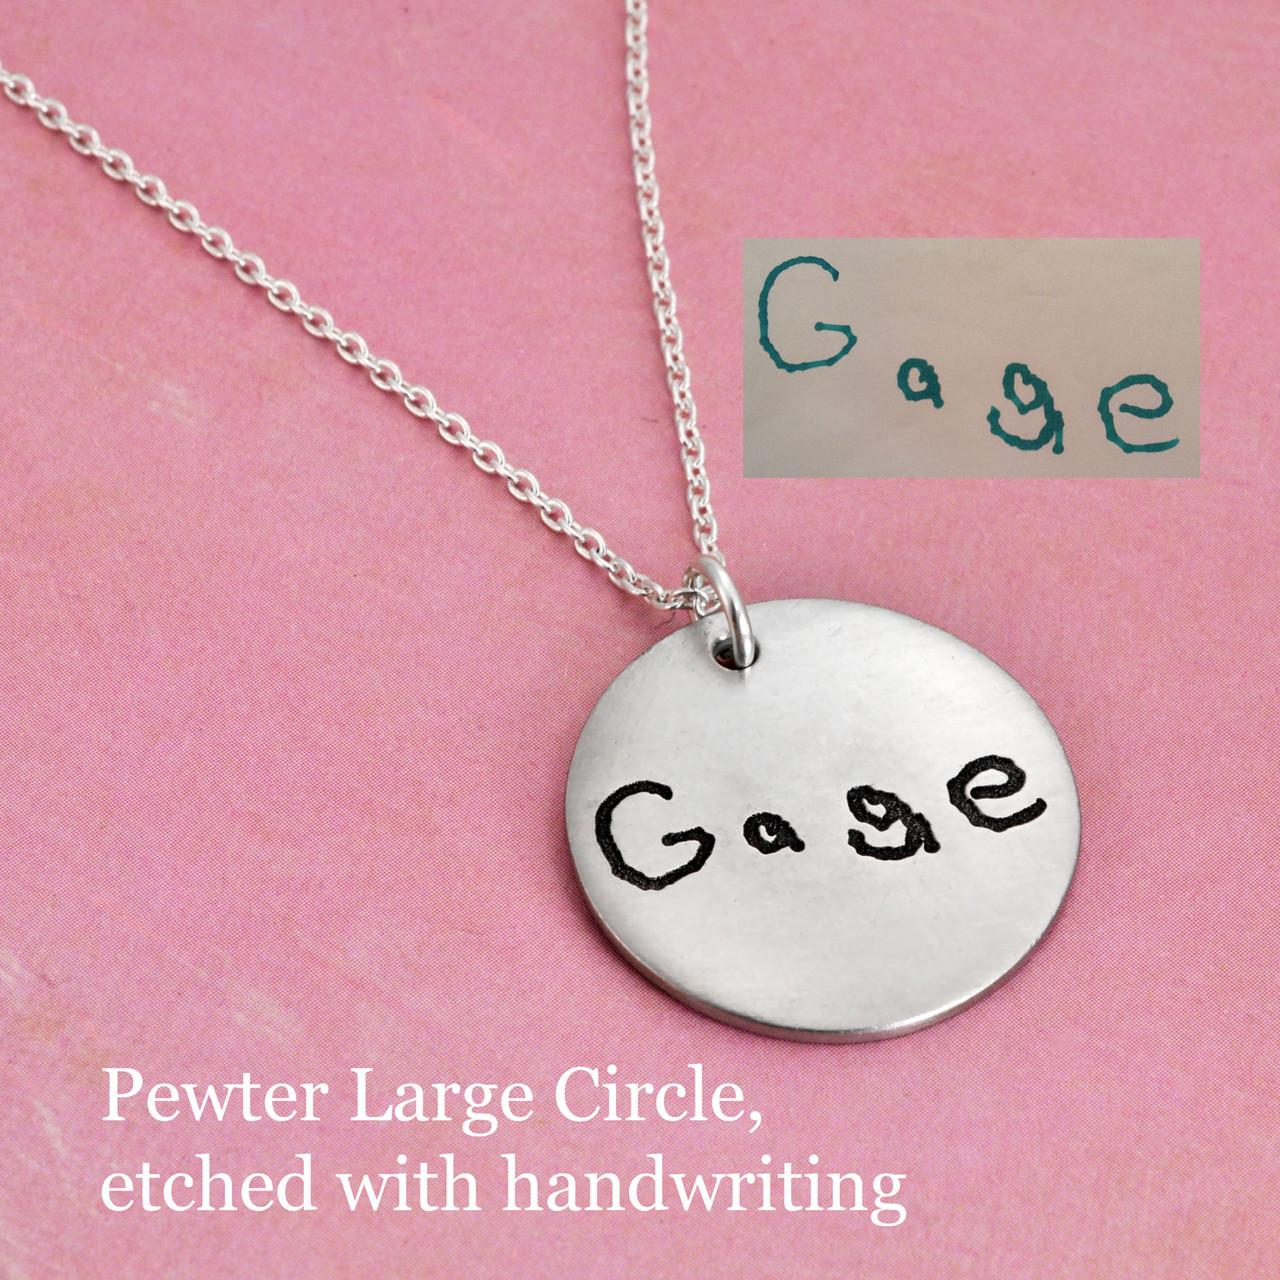 Pewter large circle with handwriting